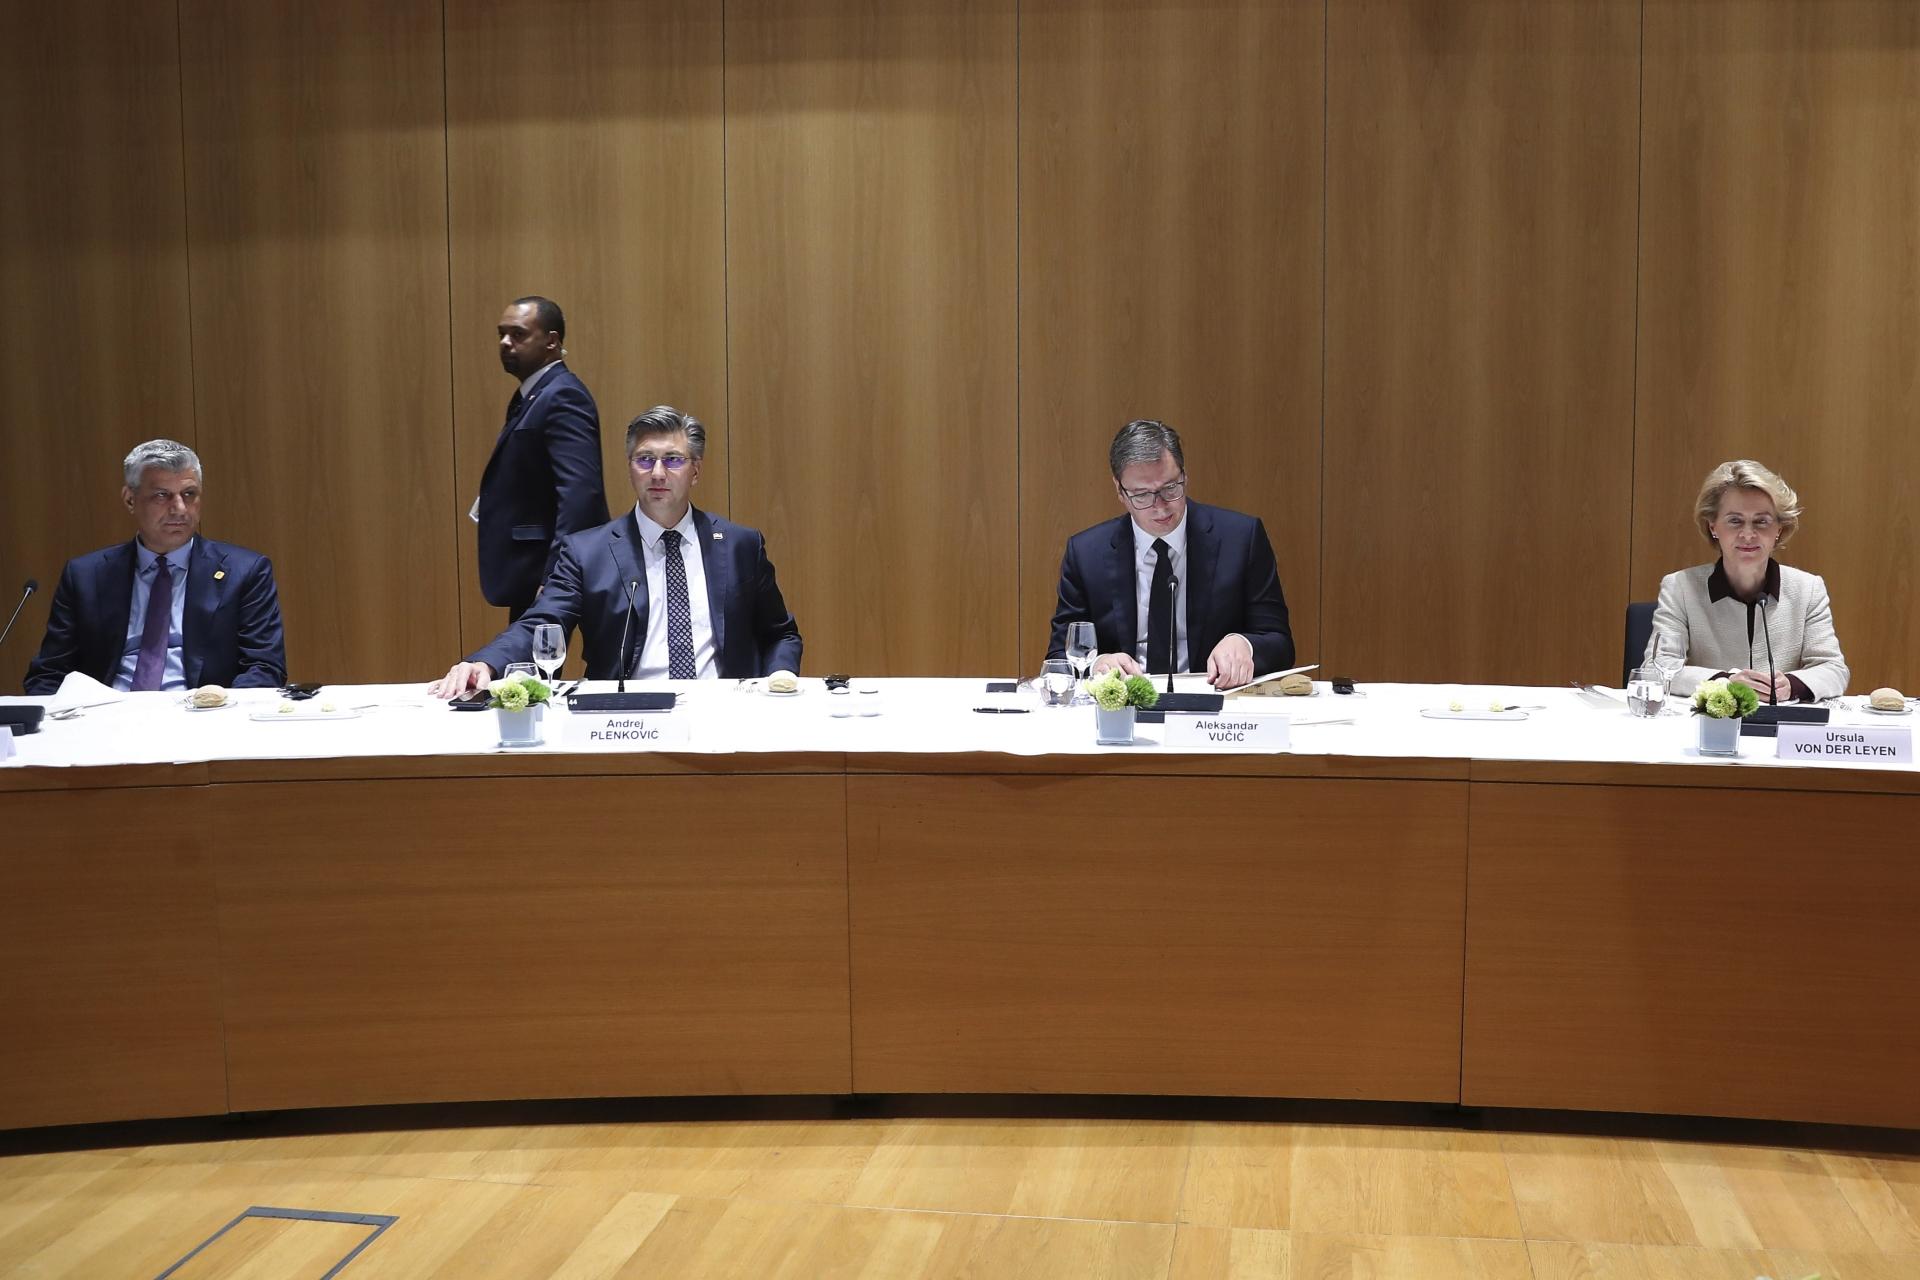 Predsednik Srbije Aleksandar Vucic na neformalnoj veceri u Briselu.